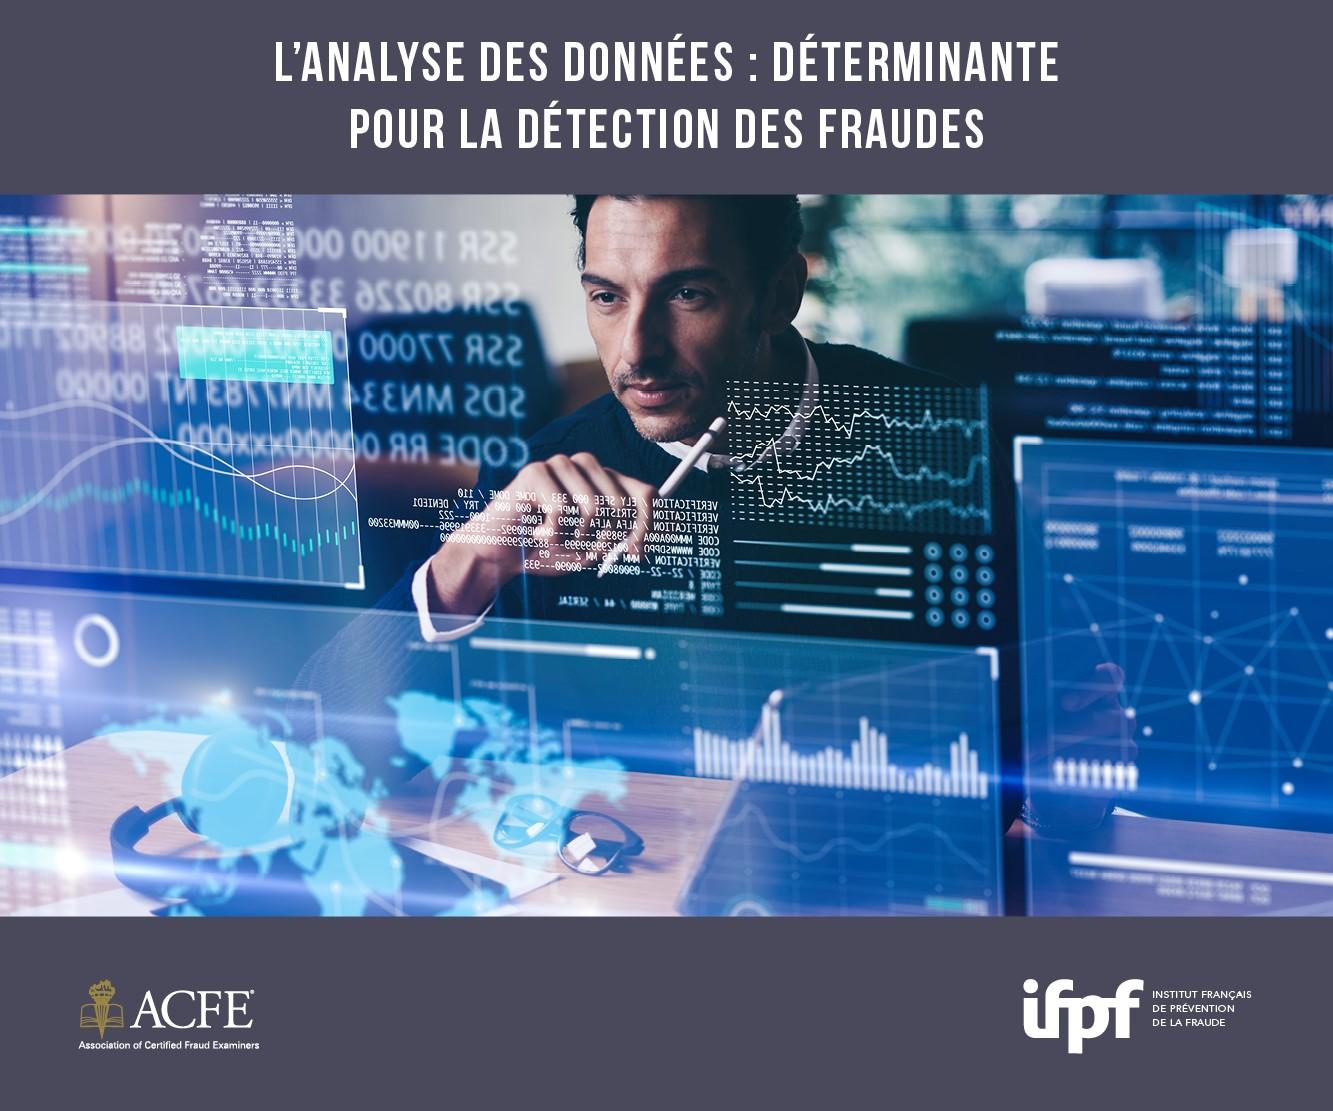 Benchmark des contrôles anti-fraude: lesquels sont les plus efficaces?